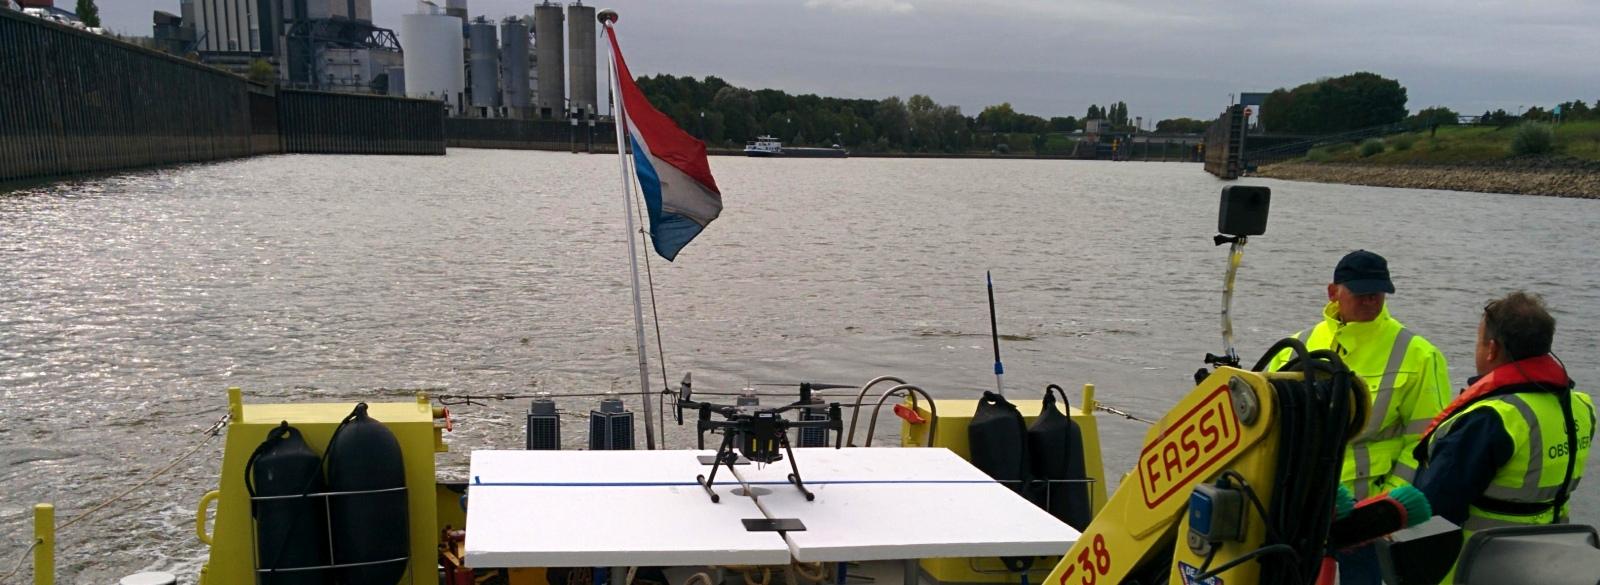 Rijkswaterstaat Drone Challenge 2018